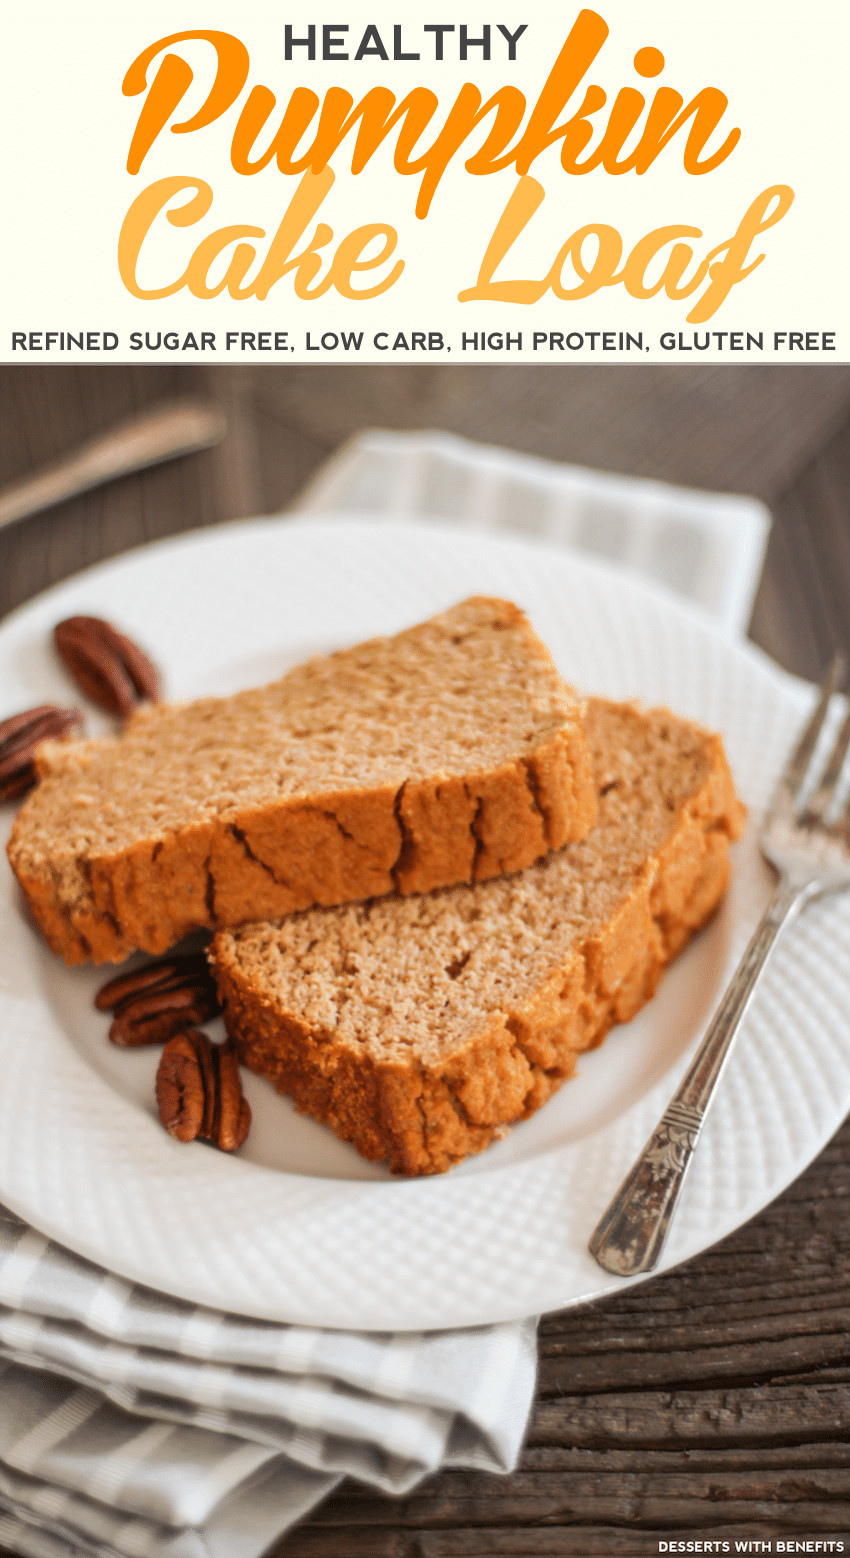 Healthy Gluten Free Desserts  Desserts With Benefits Healthy Pumpkin Cake Loaf recipe